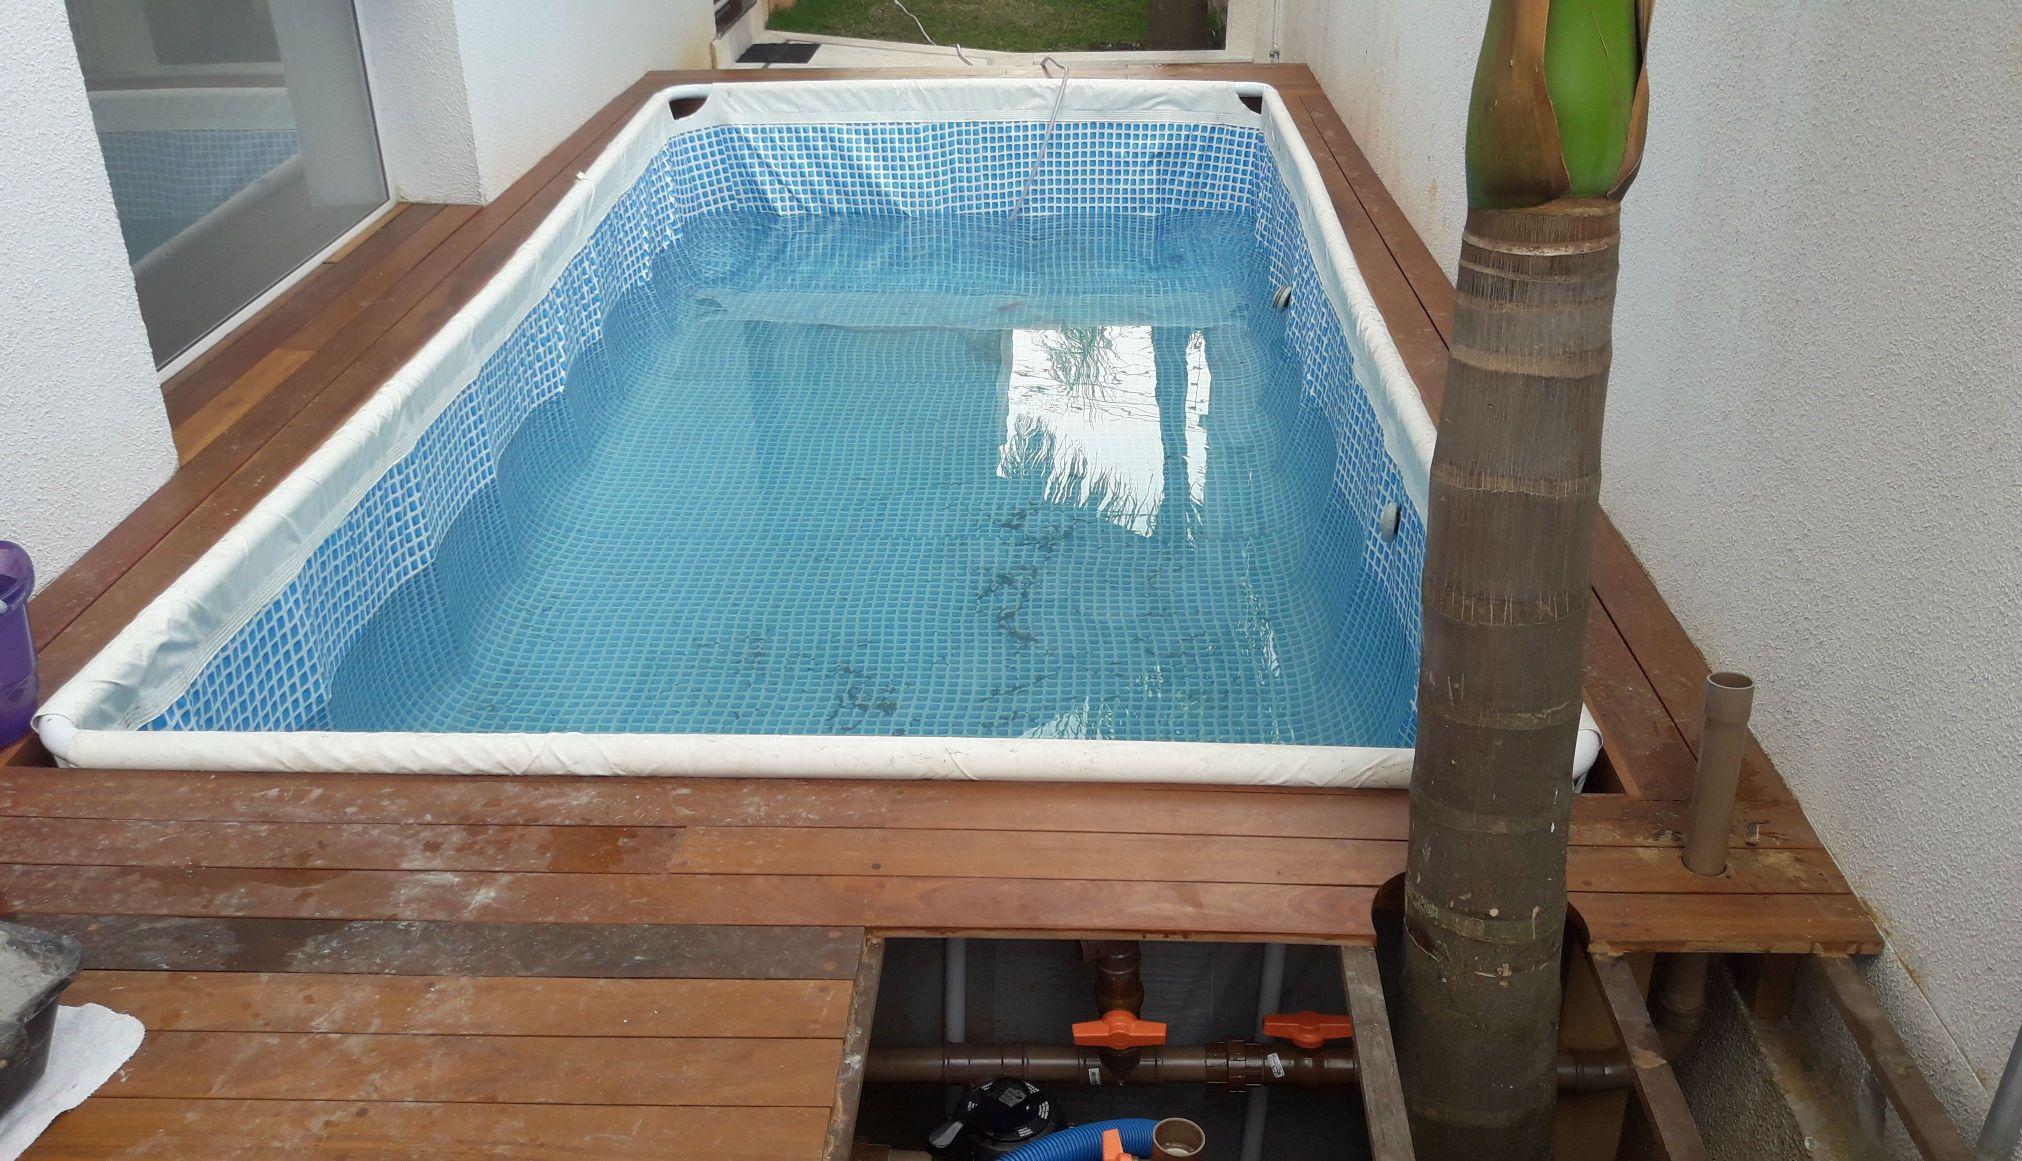 piscina com aquecedor